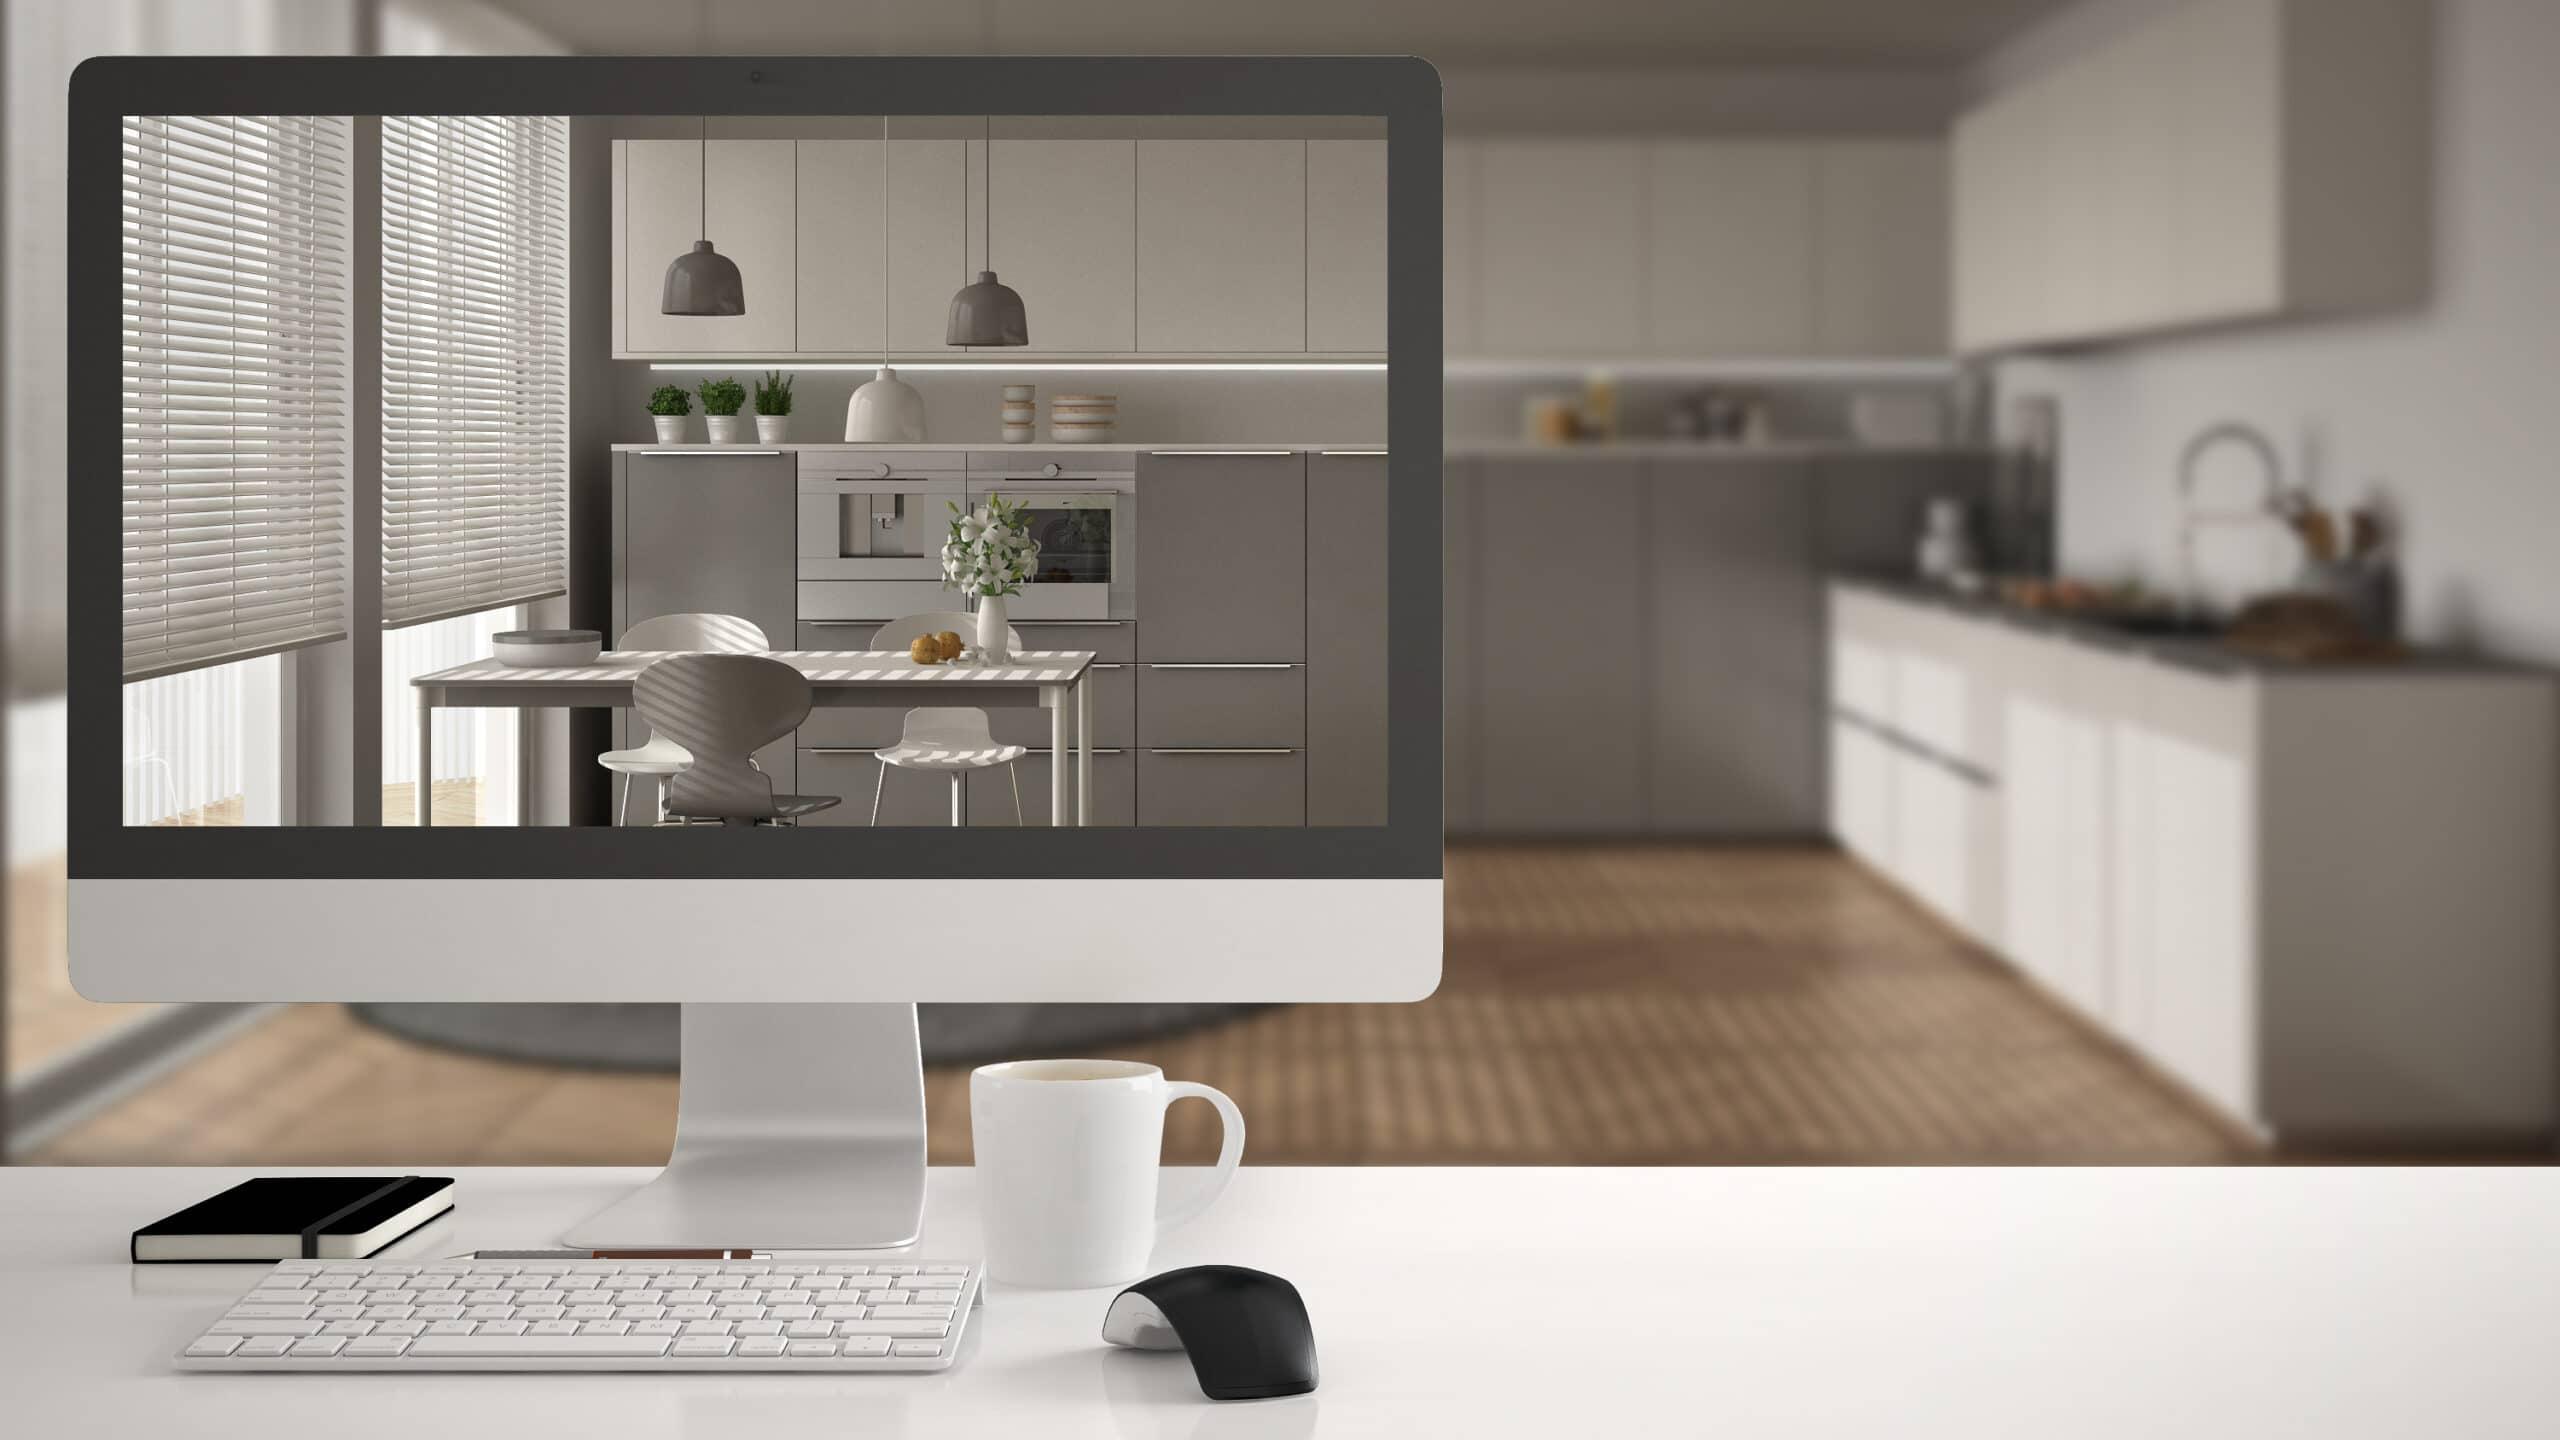 מטבחים מעץ חברות אשר מתמחות בעיצוב והתקנה של מטבחים מיומנים עם מלא ידע מקצועי ומומחים להקמת אי במטבח מכל חומר בד בבד התקנת חיבור גז תיקני במטבח